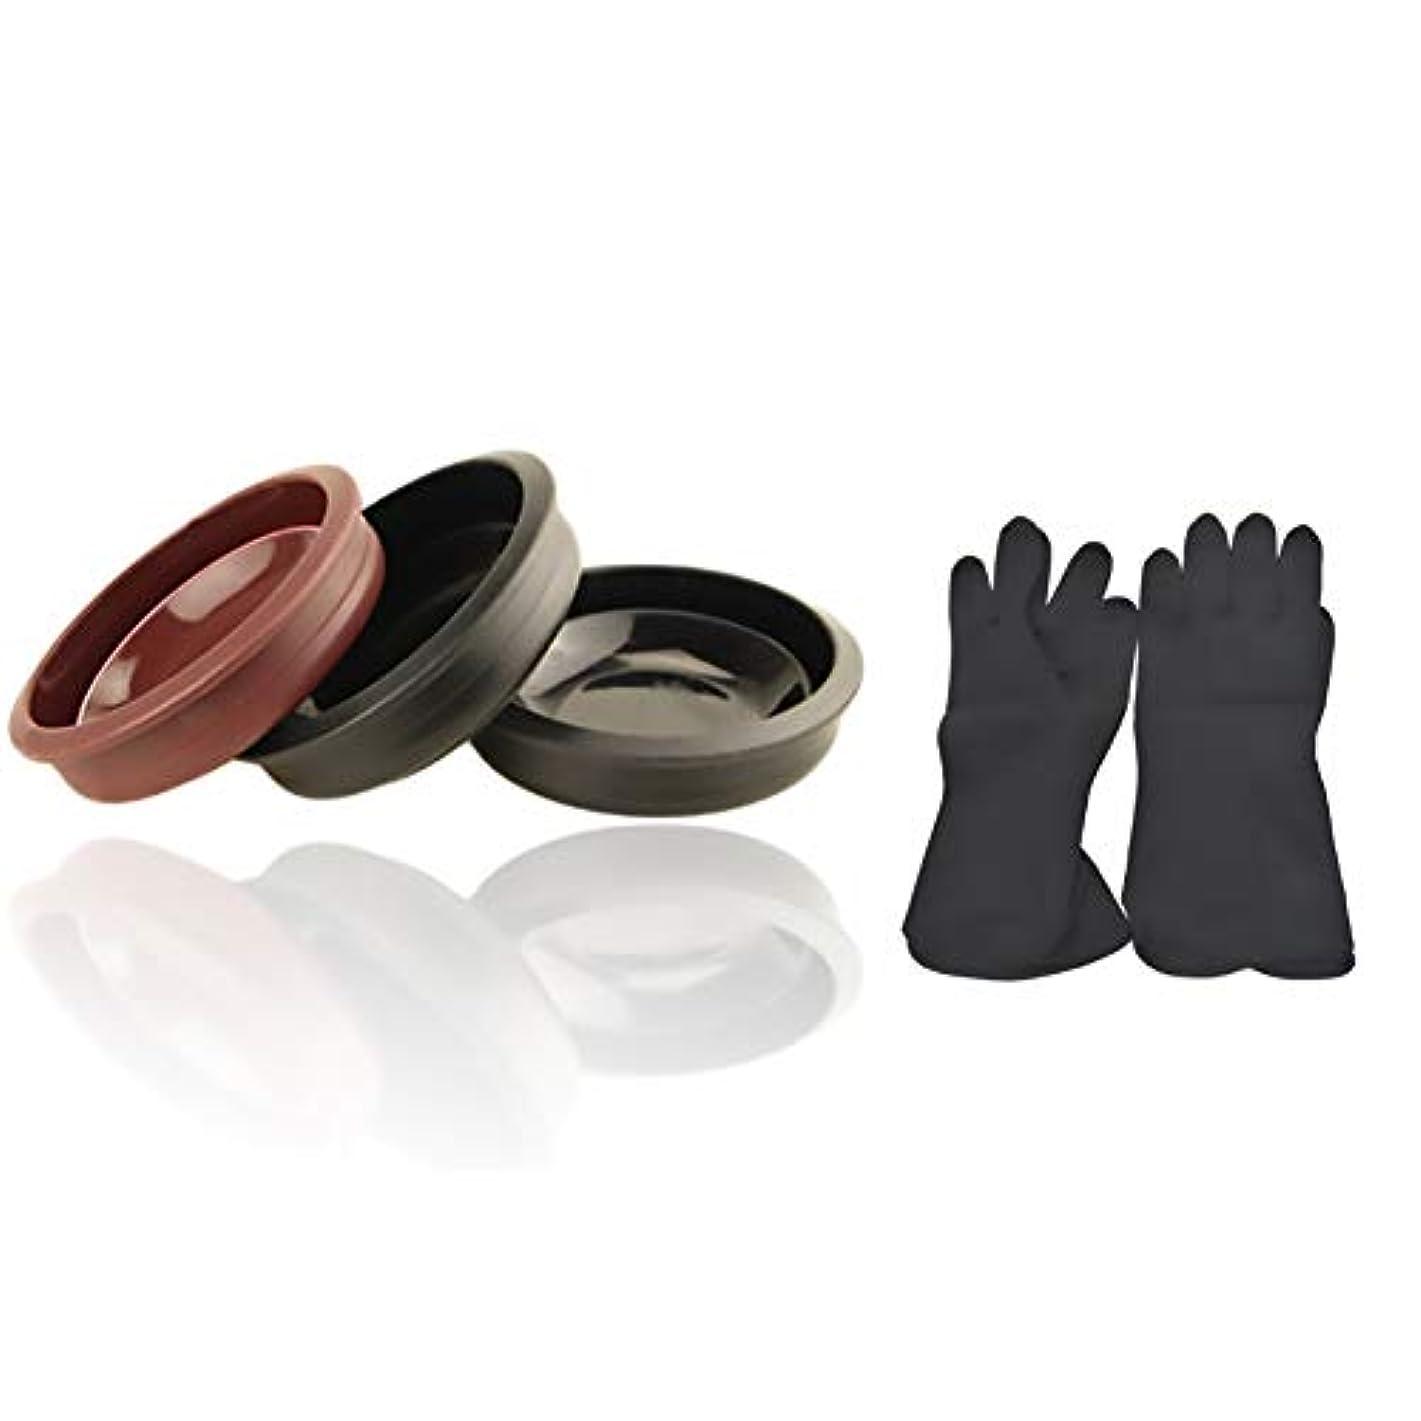 汚染された郵便局火Tofover 3ピースヘアカラーミキシングボウルと20カウントヘアダイ手袋、黒の再利用可能なゴム手袋、ヘアサロンヘア染色のためのプロのヘアカラーツールキット